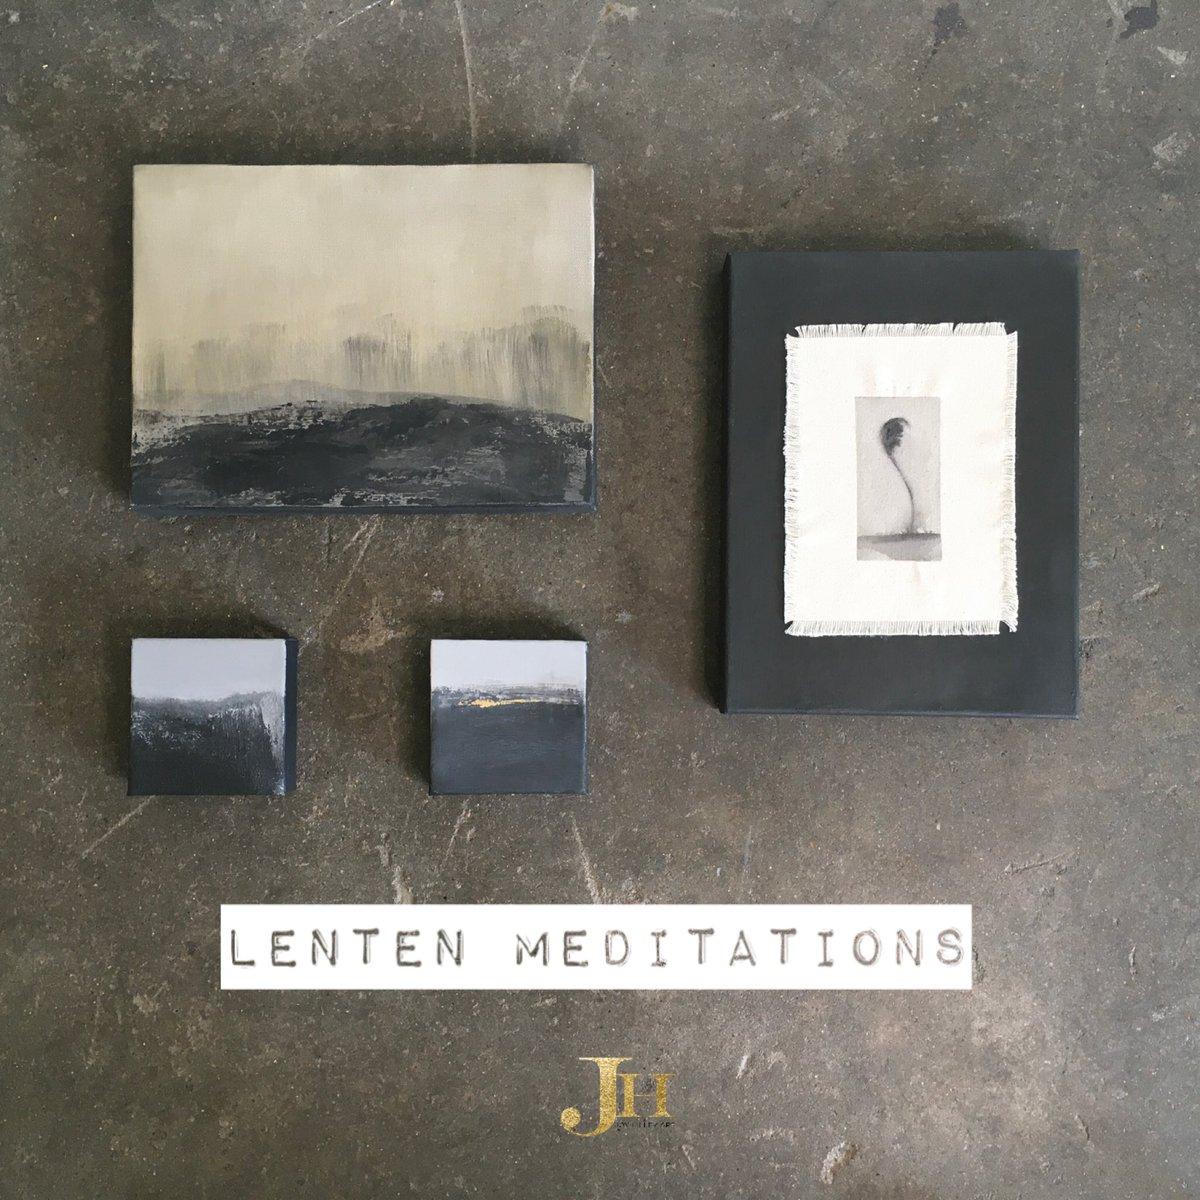 Lenten Meditations  #Lent2020 #abstractart #art #artcollector #originalart #meditation #joyhilleyartpic.twitter.com/jmDo1JhJXv